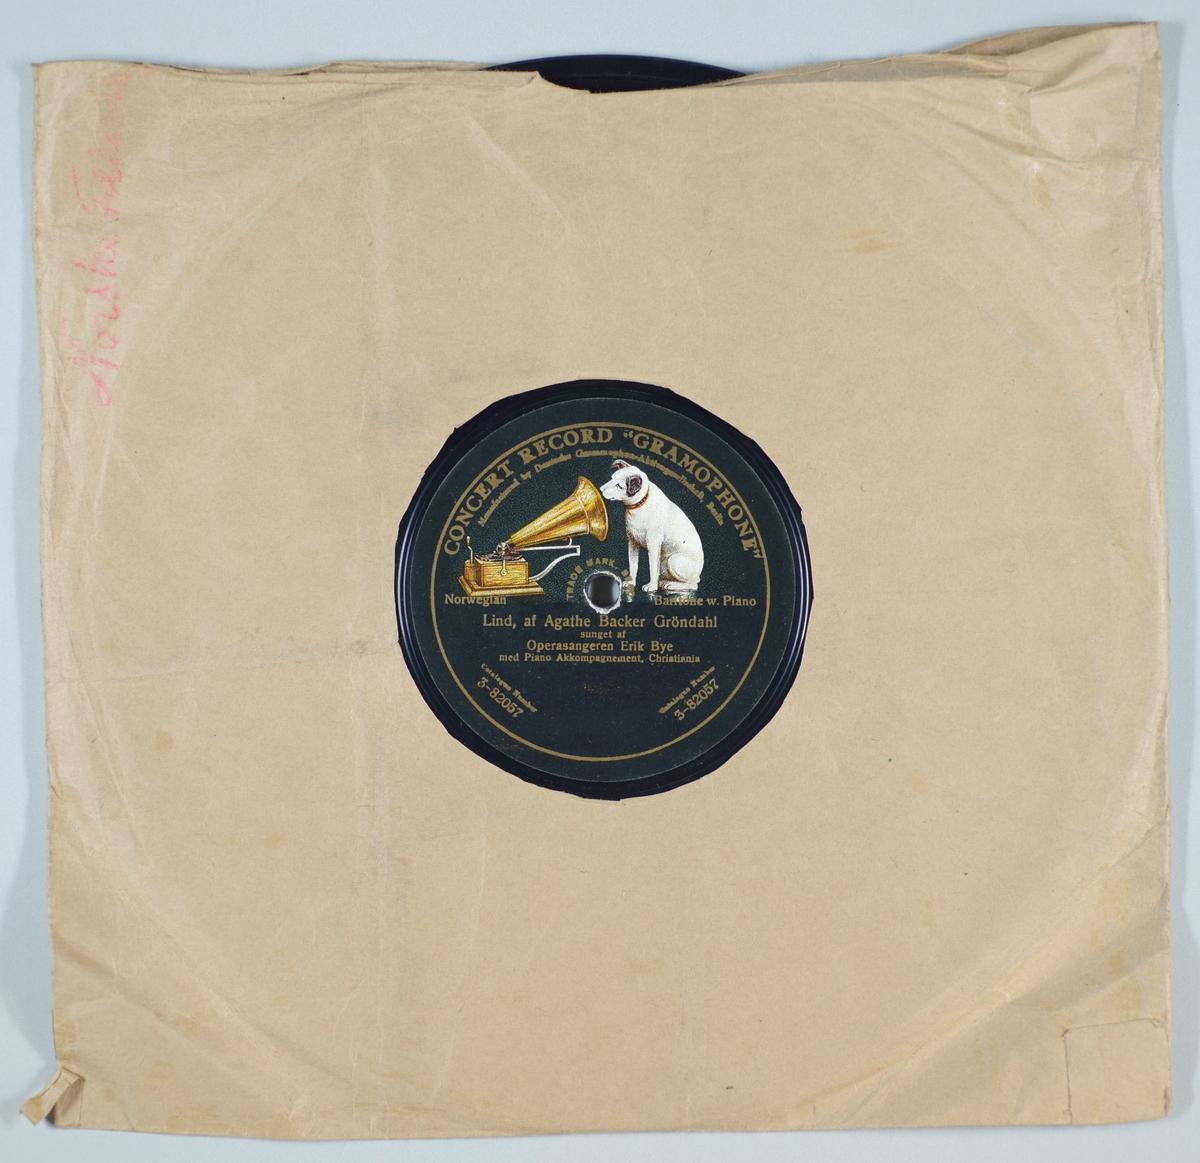 """54267.01: Svart grammofonplate laget av bakelitt og skjellak. Etiketten er svart med skrift i gull, for tekst se """"Påført tekst/merker"""". På etiketten er det en hund som sitter og lytter til en grammofon. Trykket er i hvitt, grått og ulike nyanser av brunt.   54267.02: Plateomslaget til platen er laget av brunt papir som er limt. Det er en sekundær påskrift skrevet i rosa for tekst se """"Påført tekst/merker""""."""